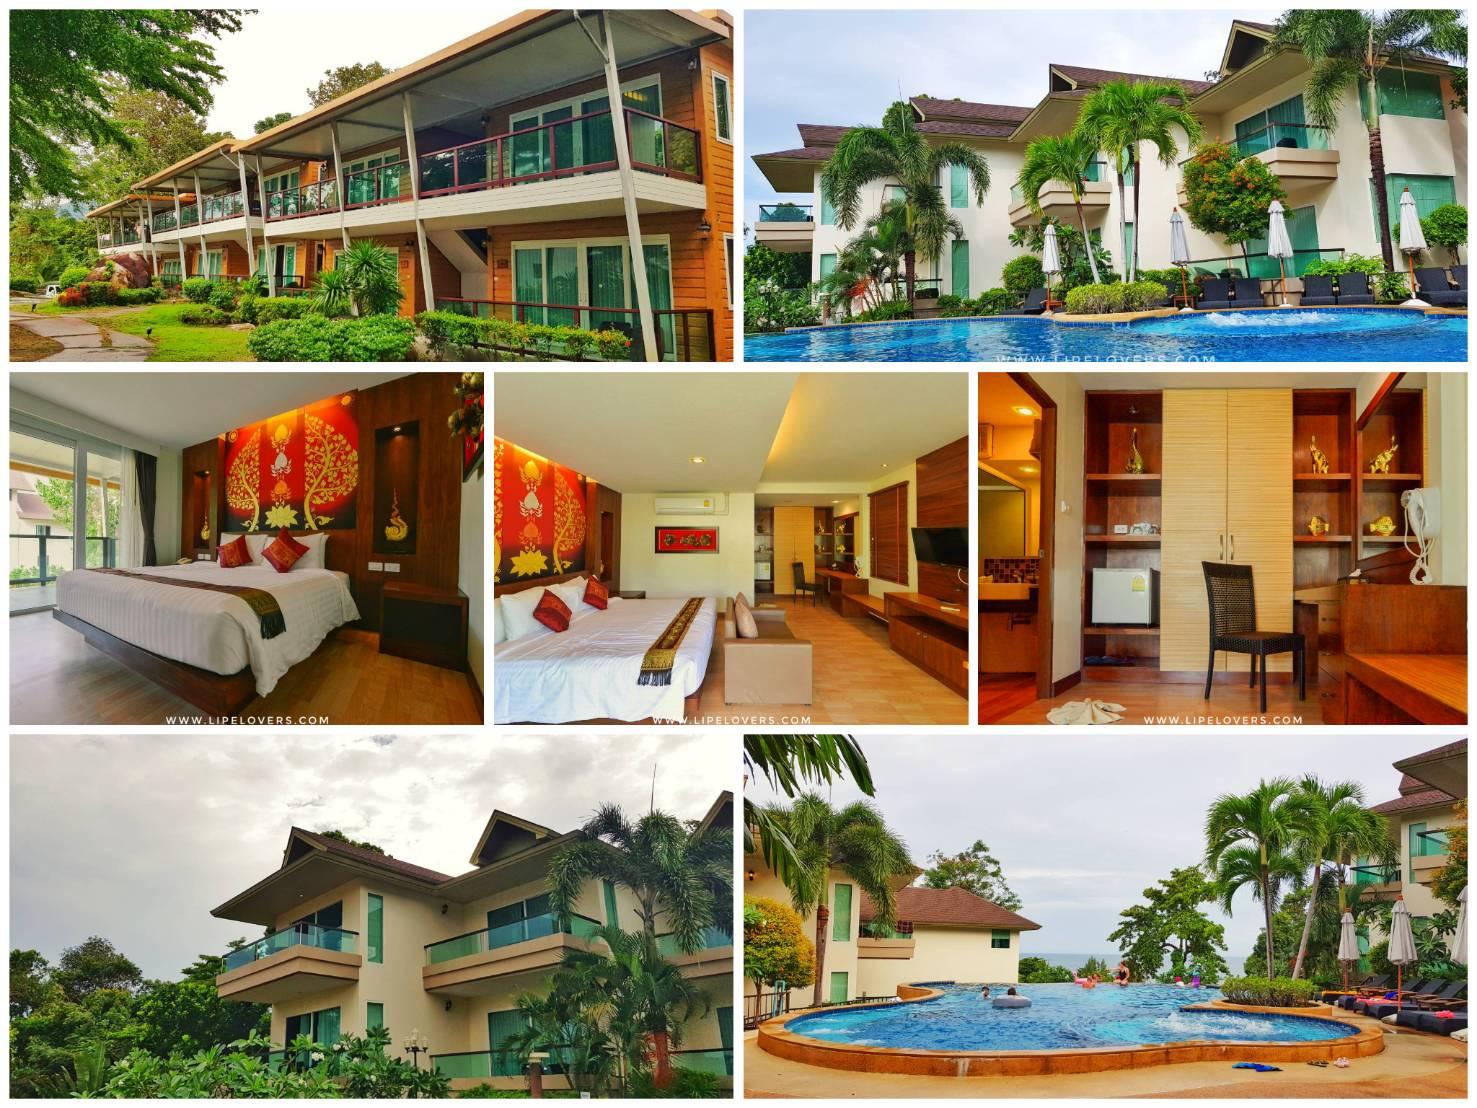 Sita Beach Resort and Spa (สิตาบีชรีสอร์ท แอน สปา)